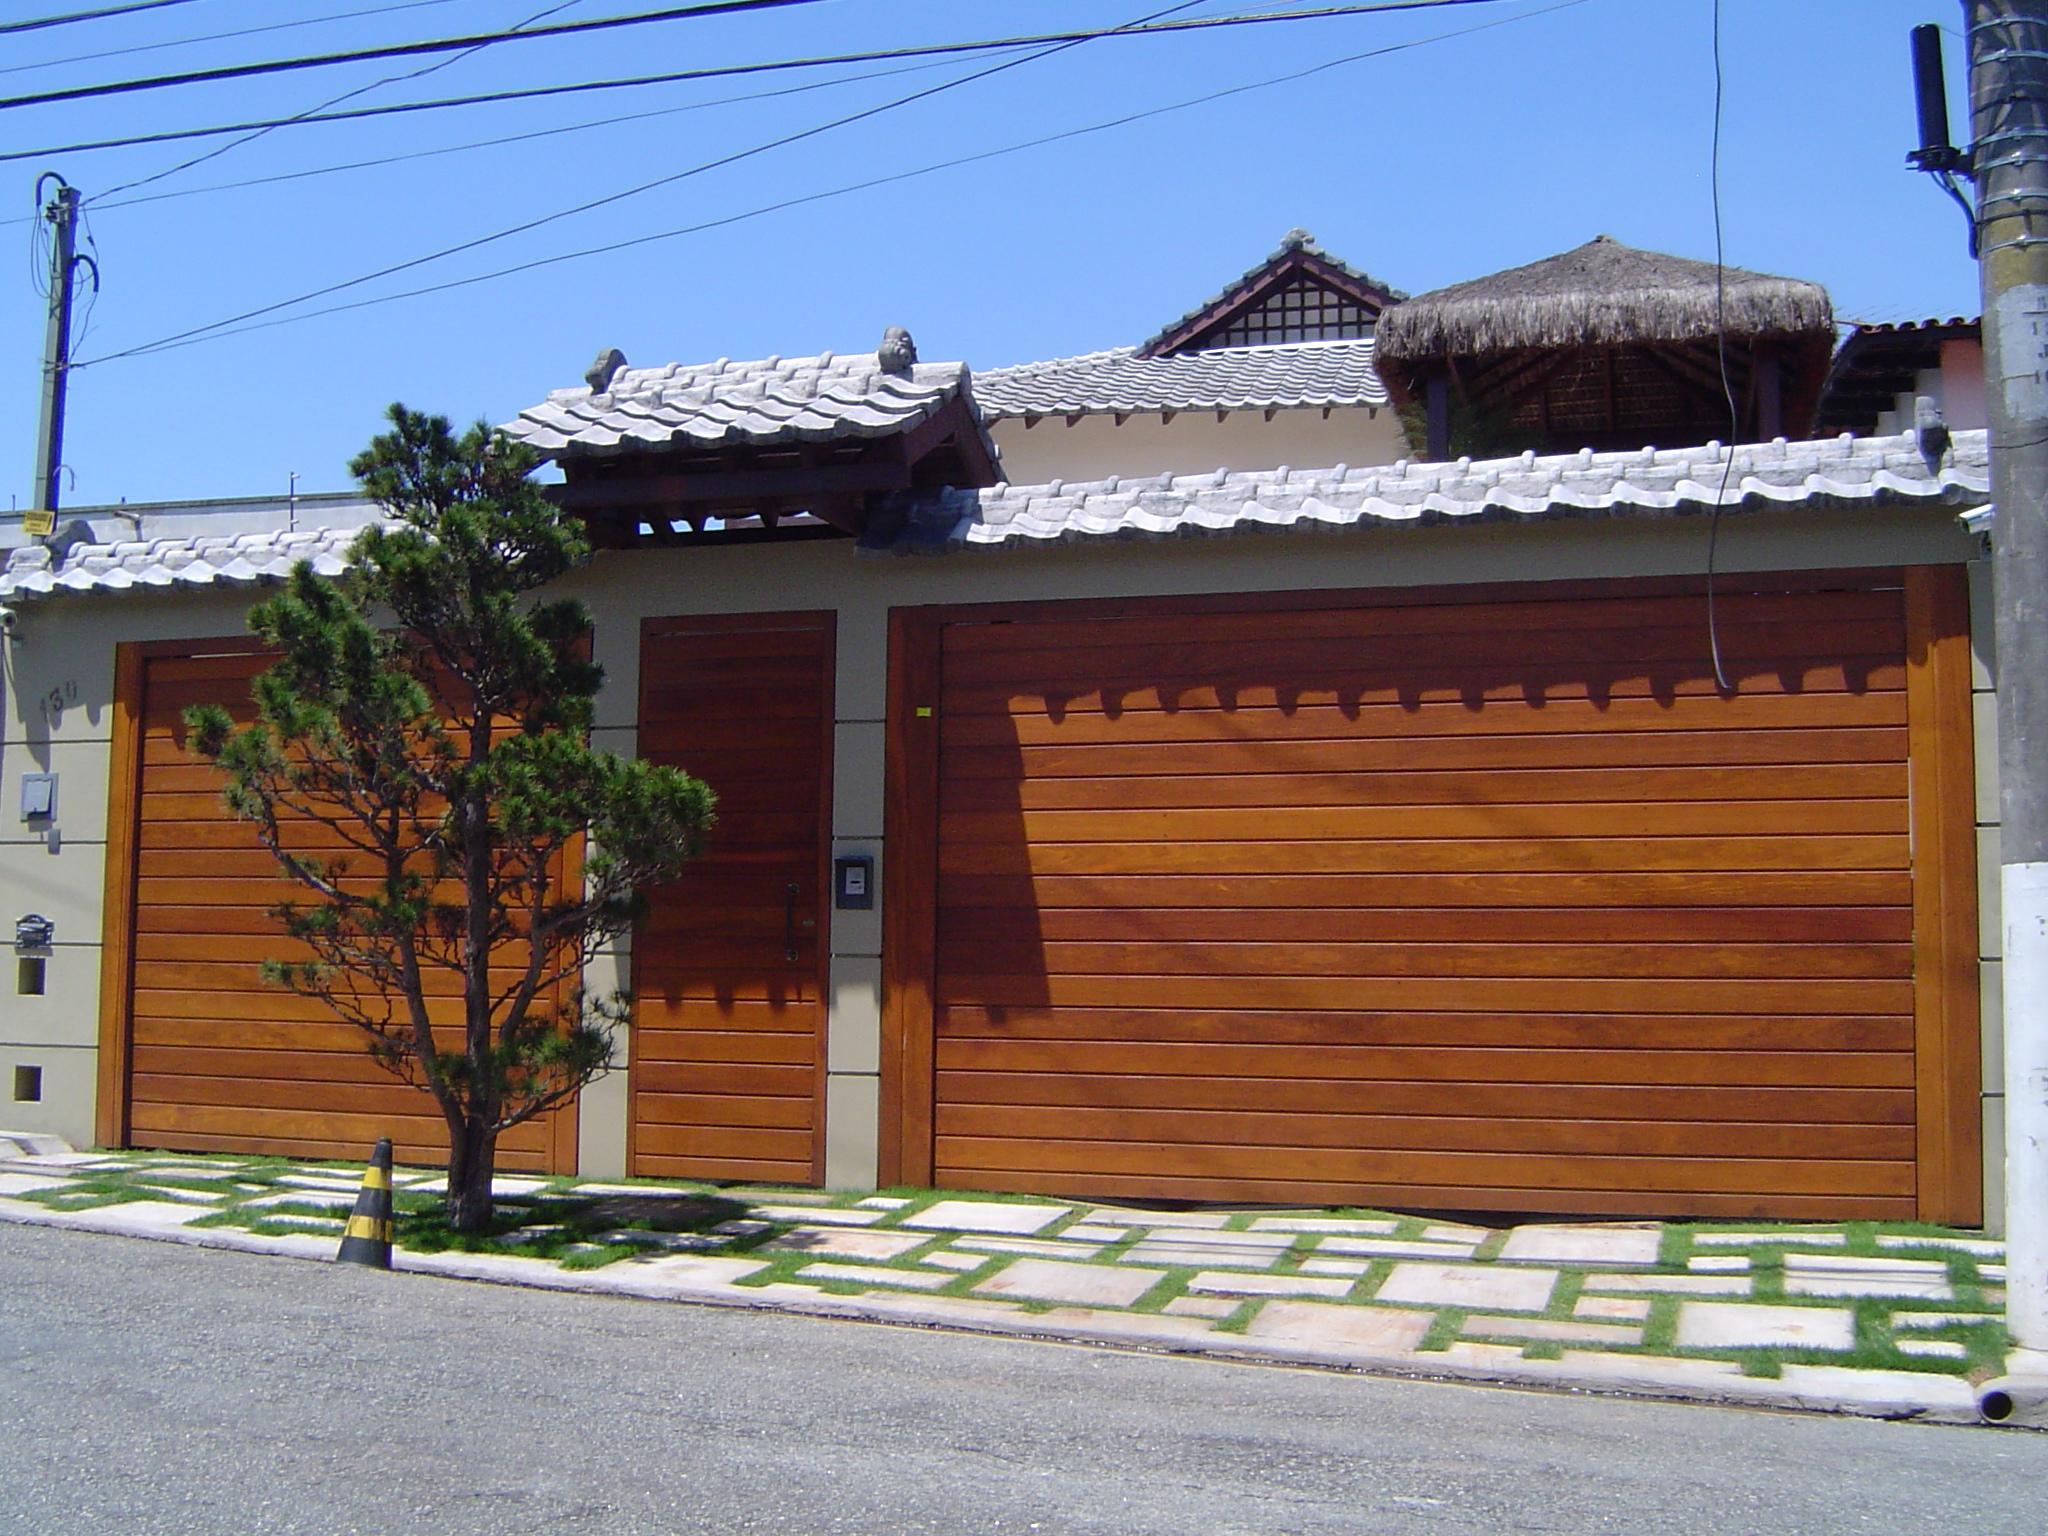 Fotos portões de madeira para garagem Decorando Casas #0C56BF 2048x1536